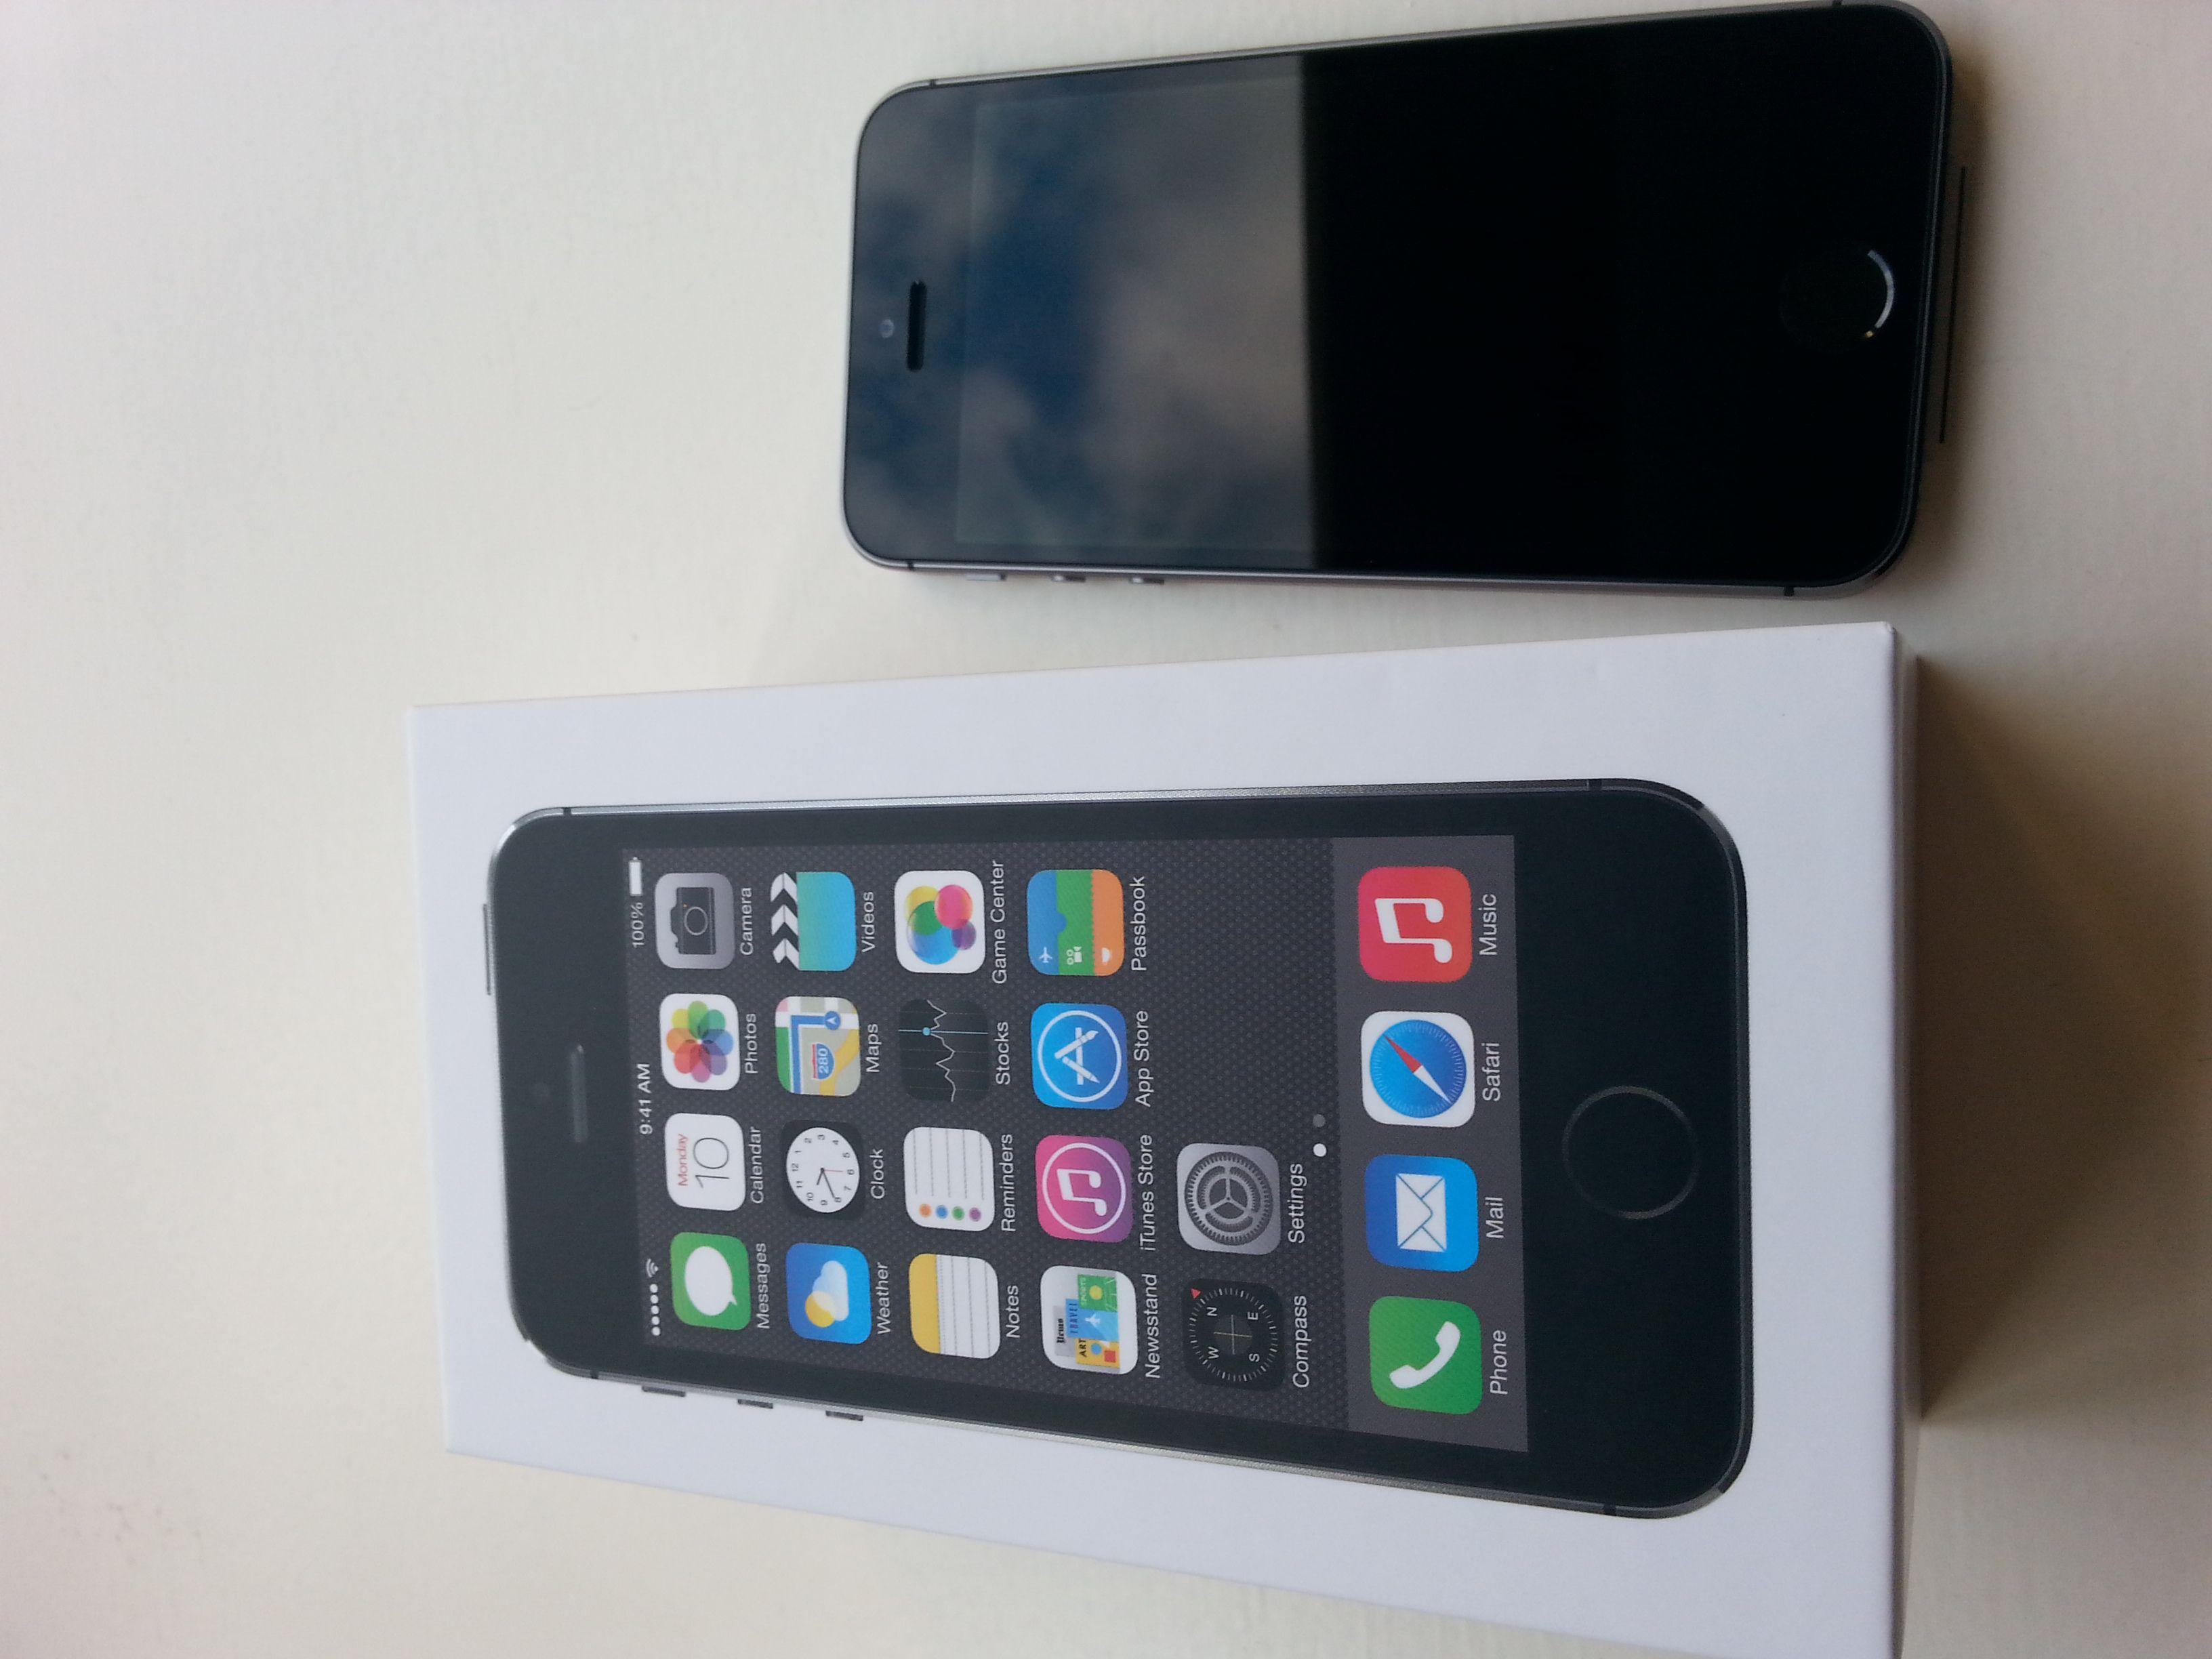 Toppmodellen iPhone 5S.